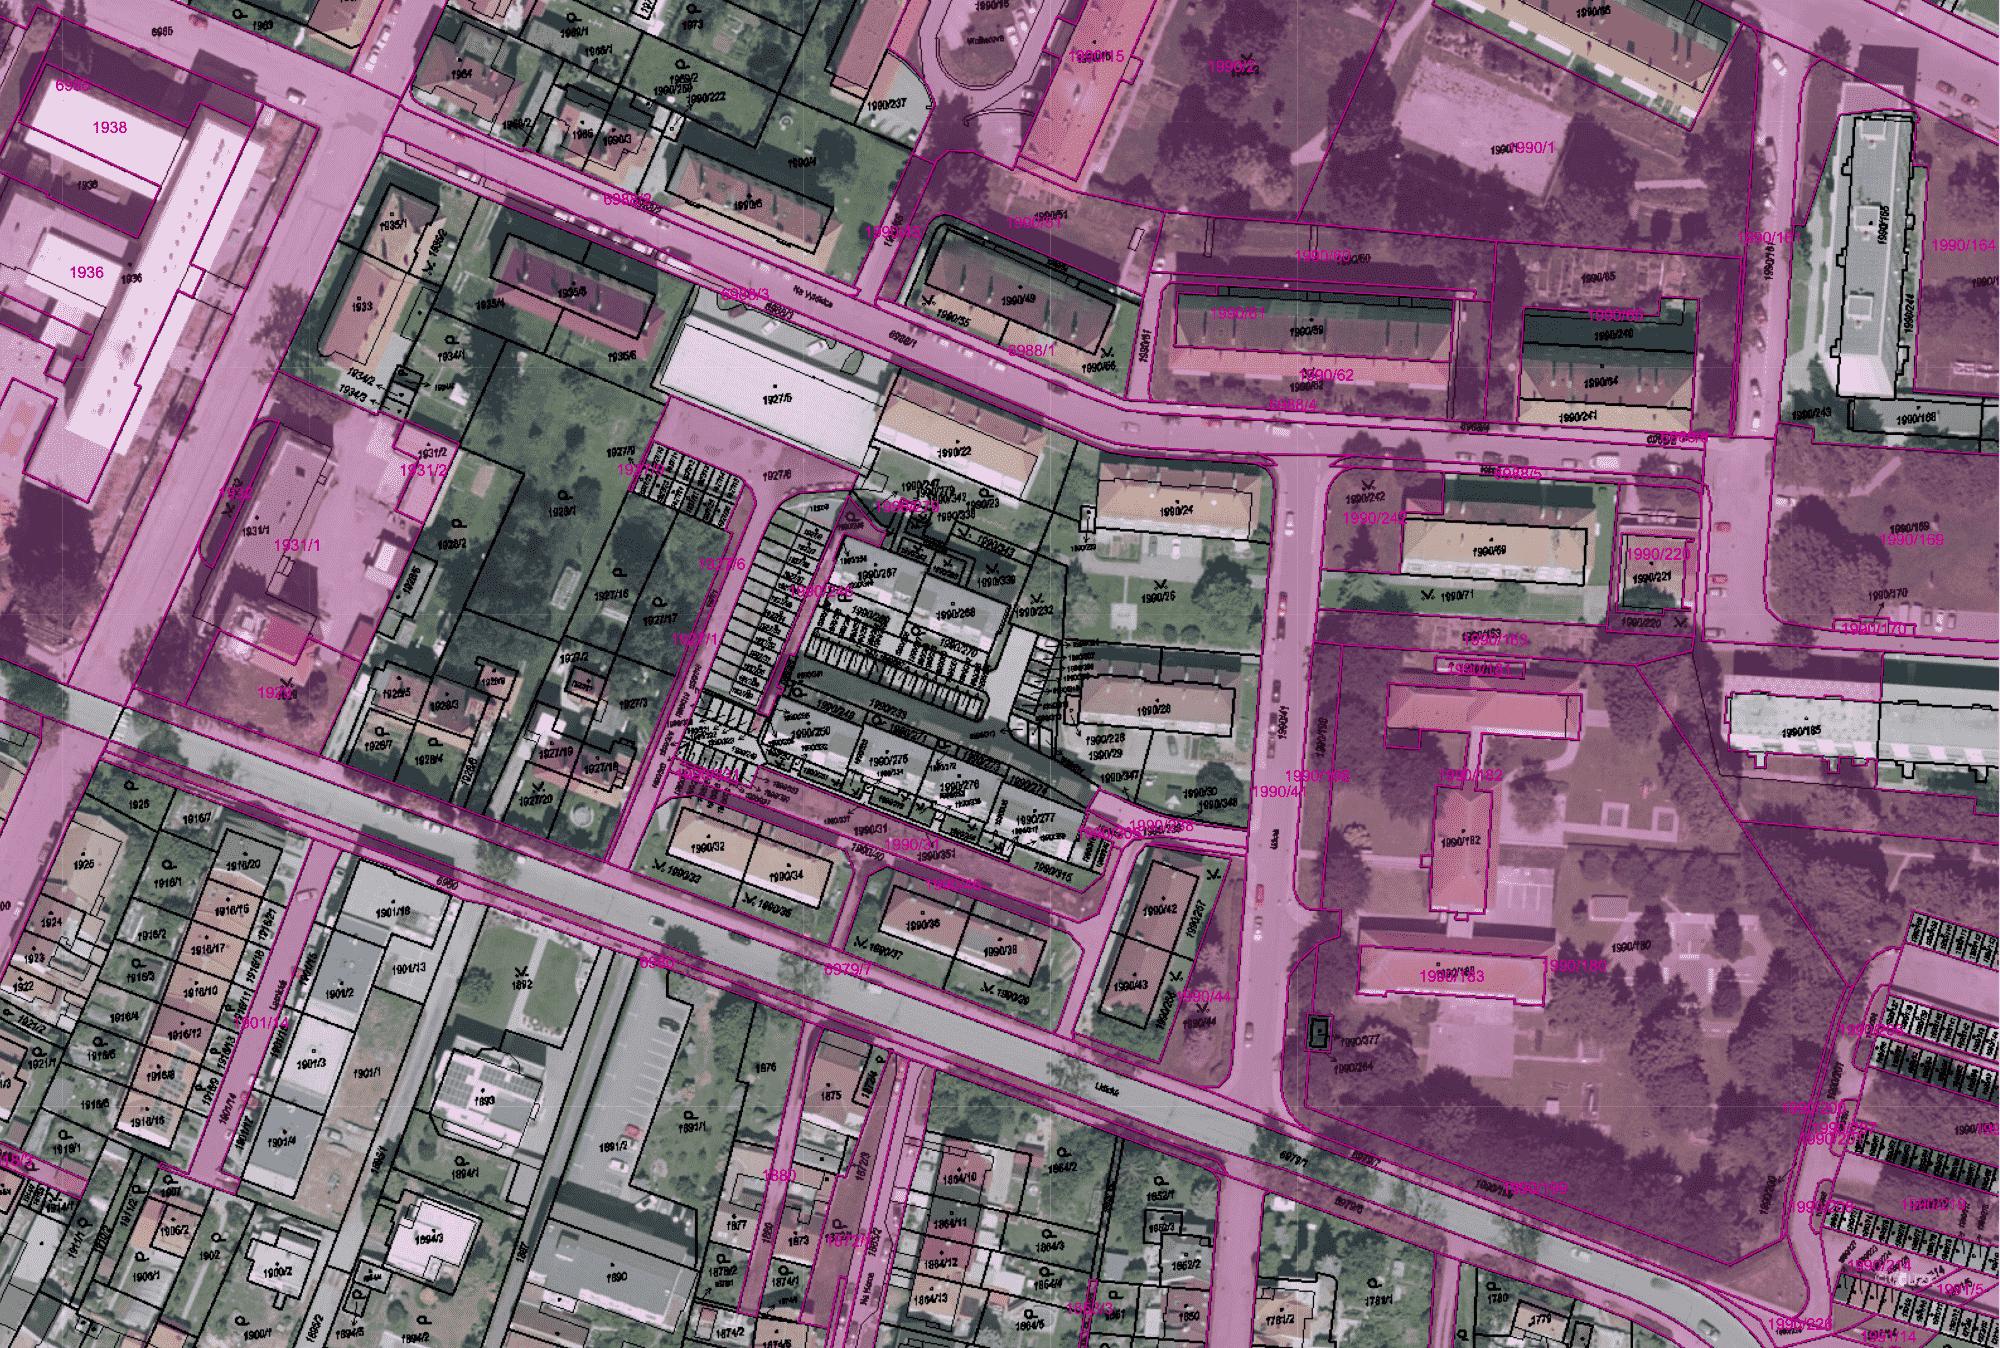 Barevně vyznačené pozemky patří městu